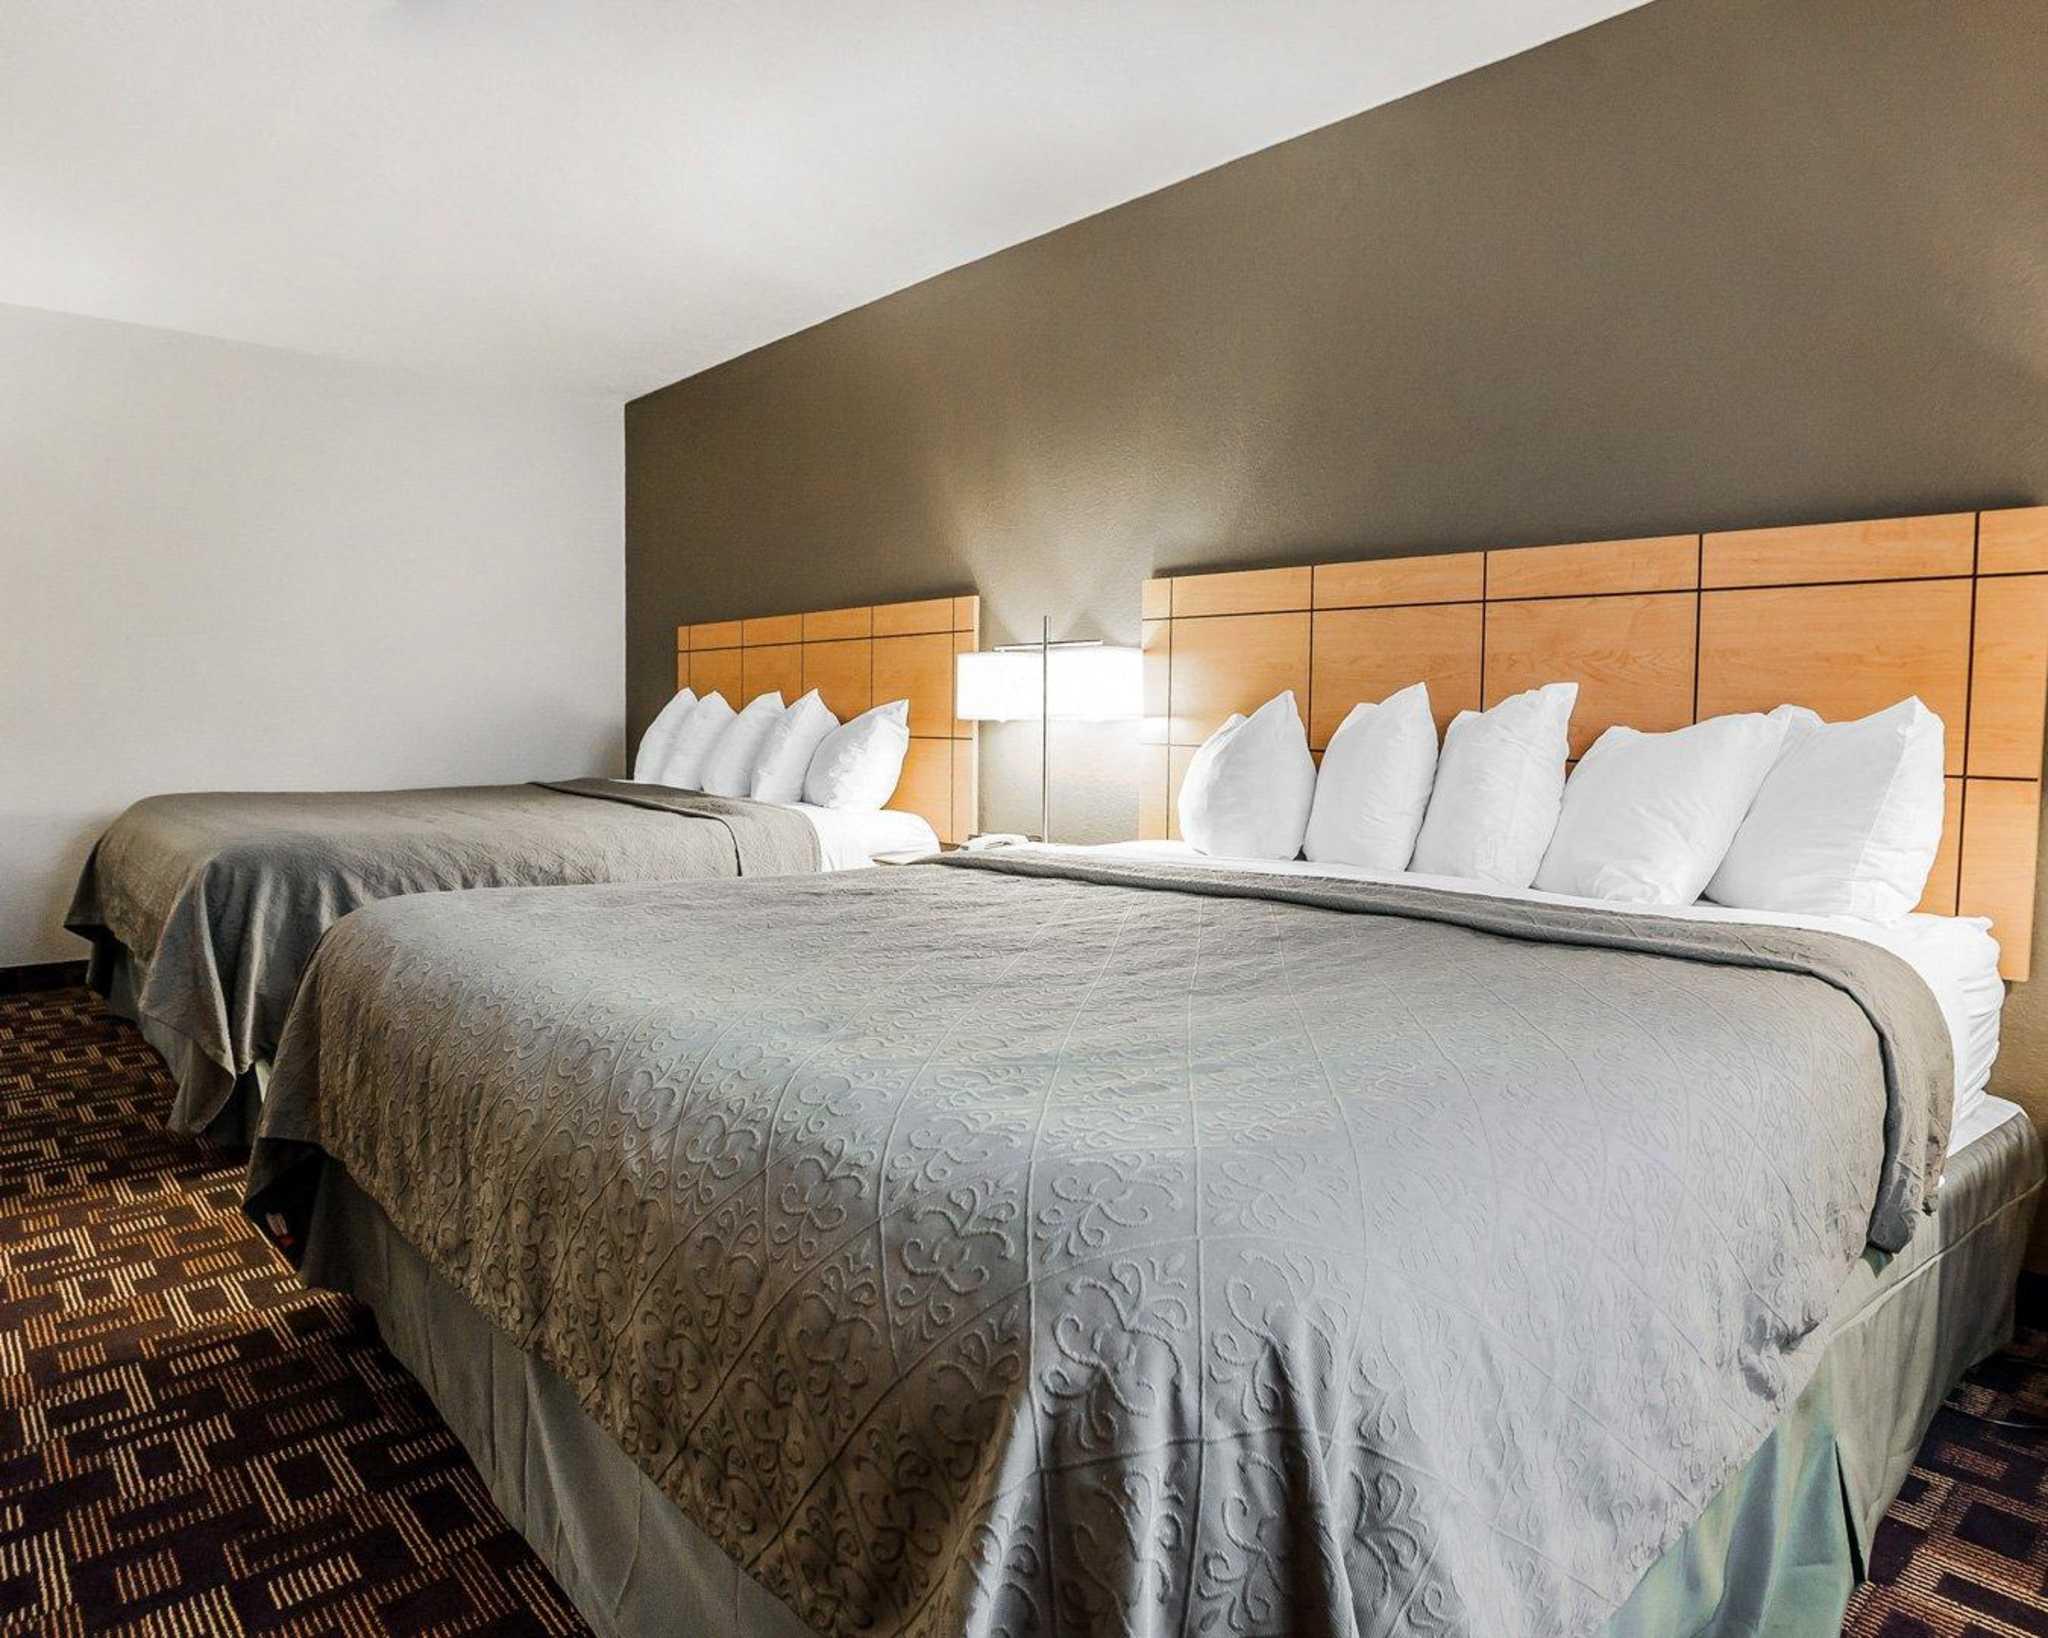 Quality Inn & Suites Des Moines Airport image 25